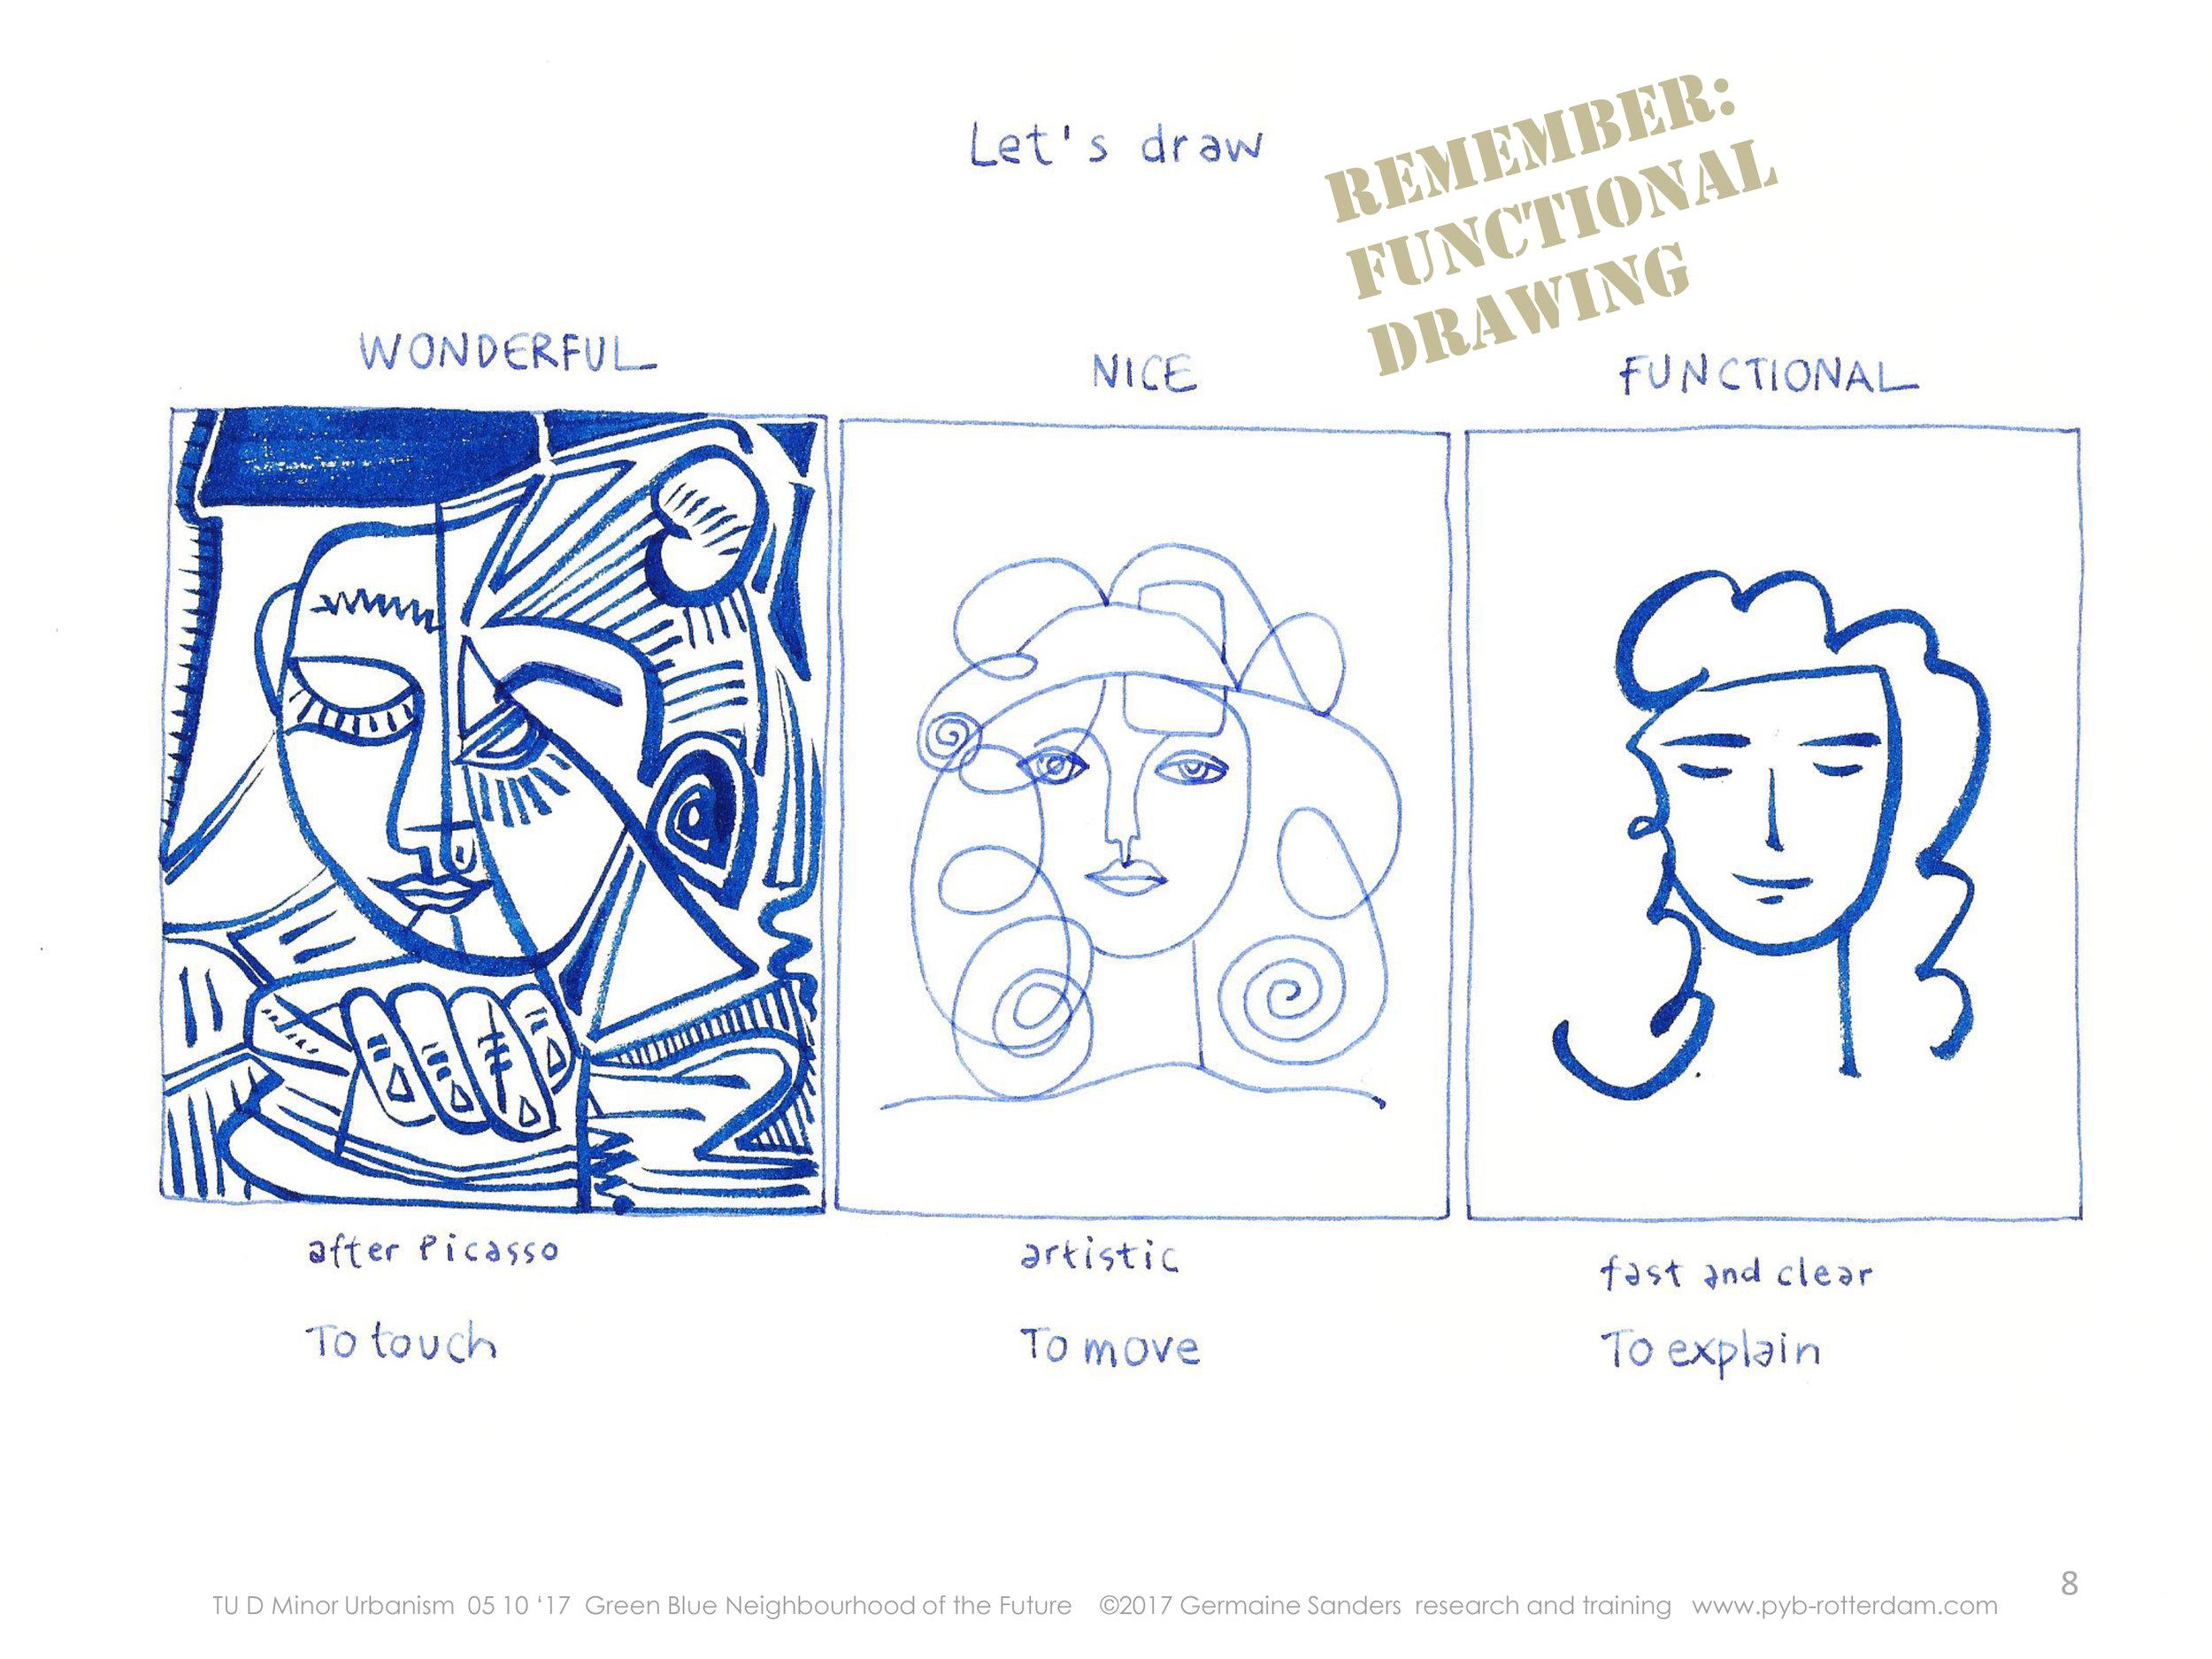 Minor sustainable URBANISM 2017 the instrumental sketchbook-8.jpg